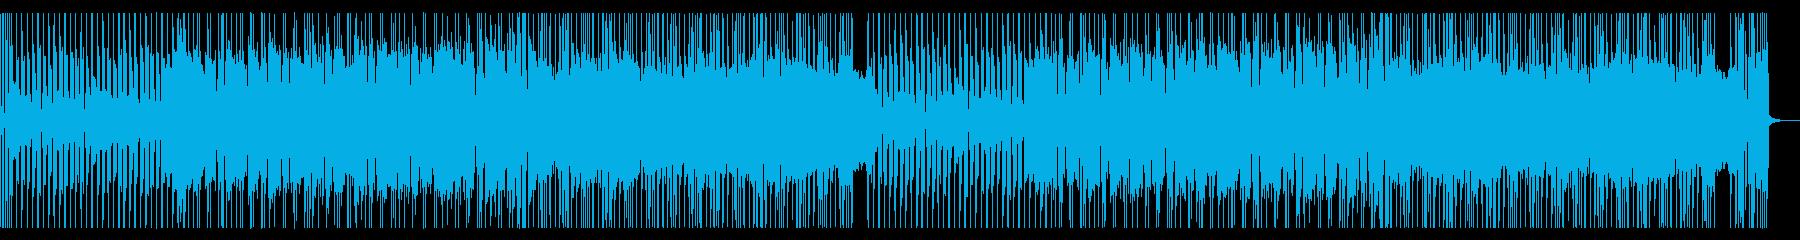 爽やかでスタイリッシュなギターロックの再生済みの波形